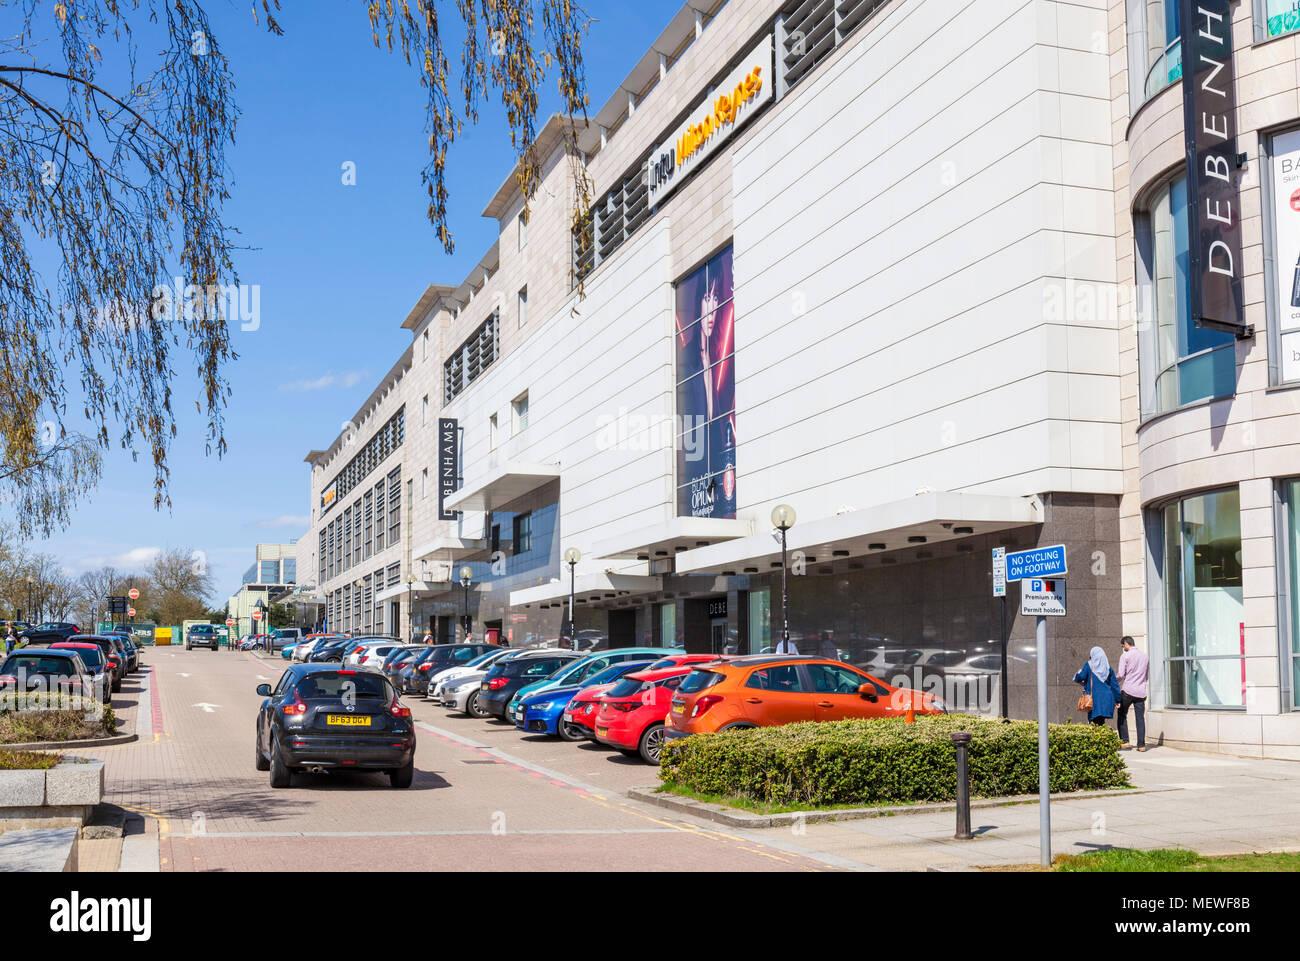 En Milton Keynes, Inglaterra aparcamiento fuera almacenes Debenhams Intu centro comercial central milton keynes buckinghamshire Inglaterra gb uk europa Imagen De Stock